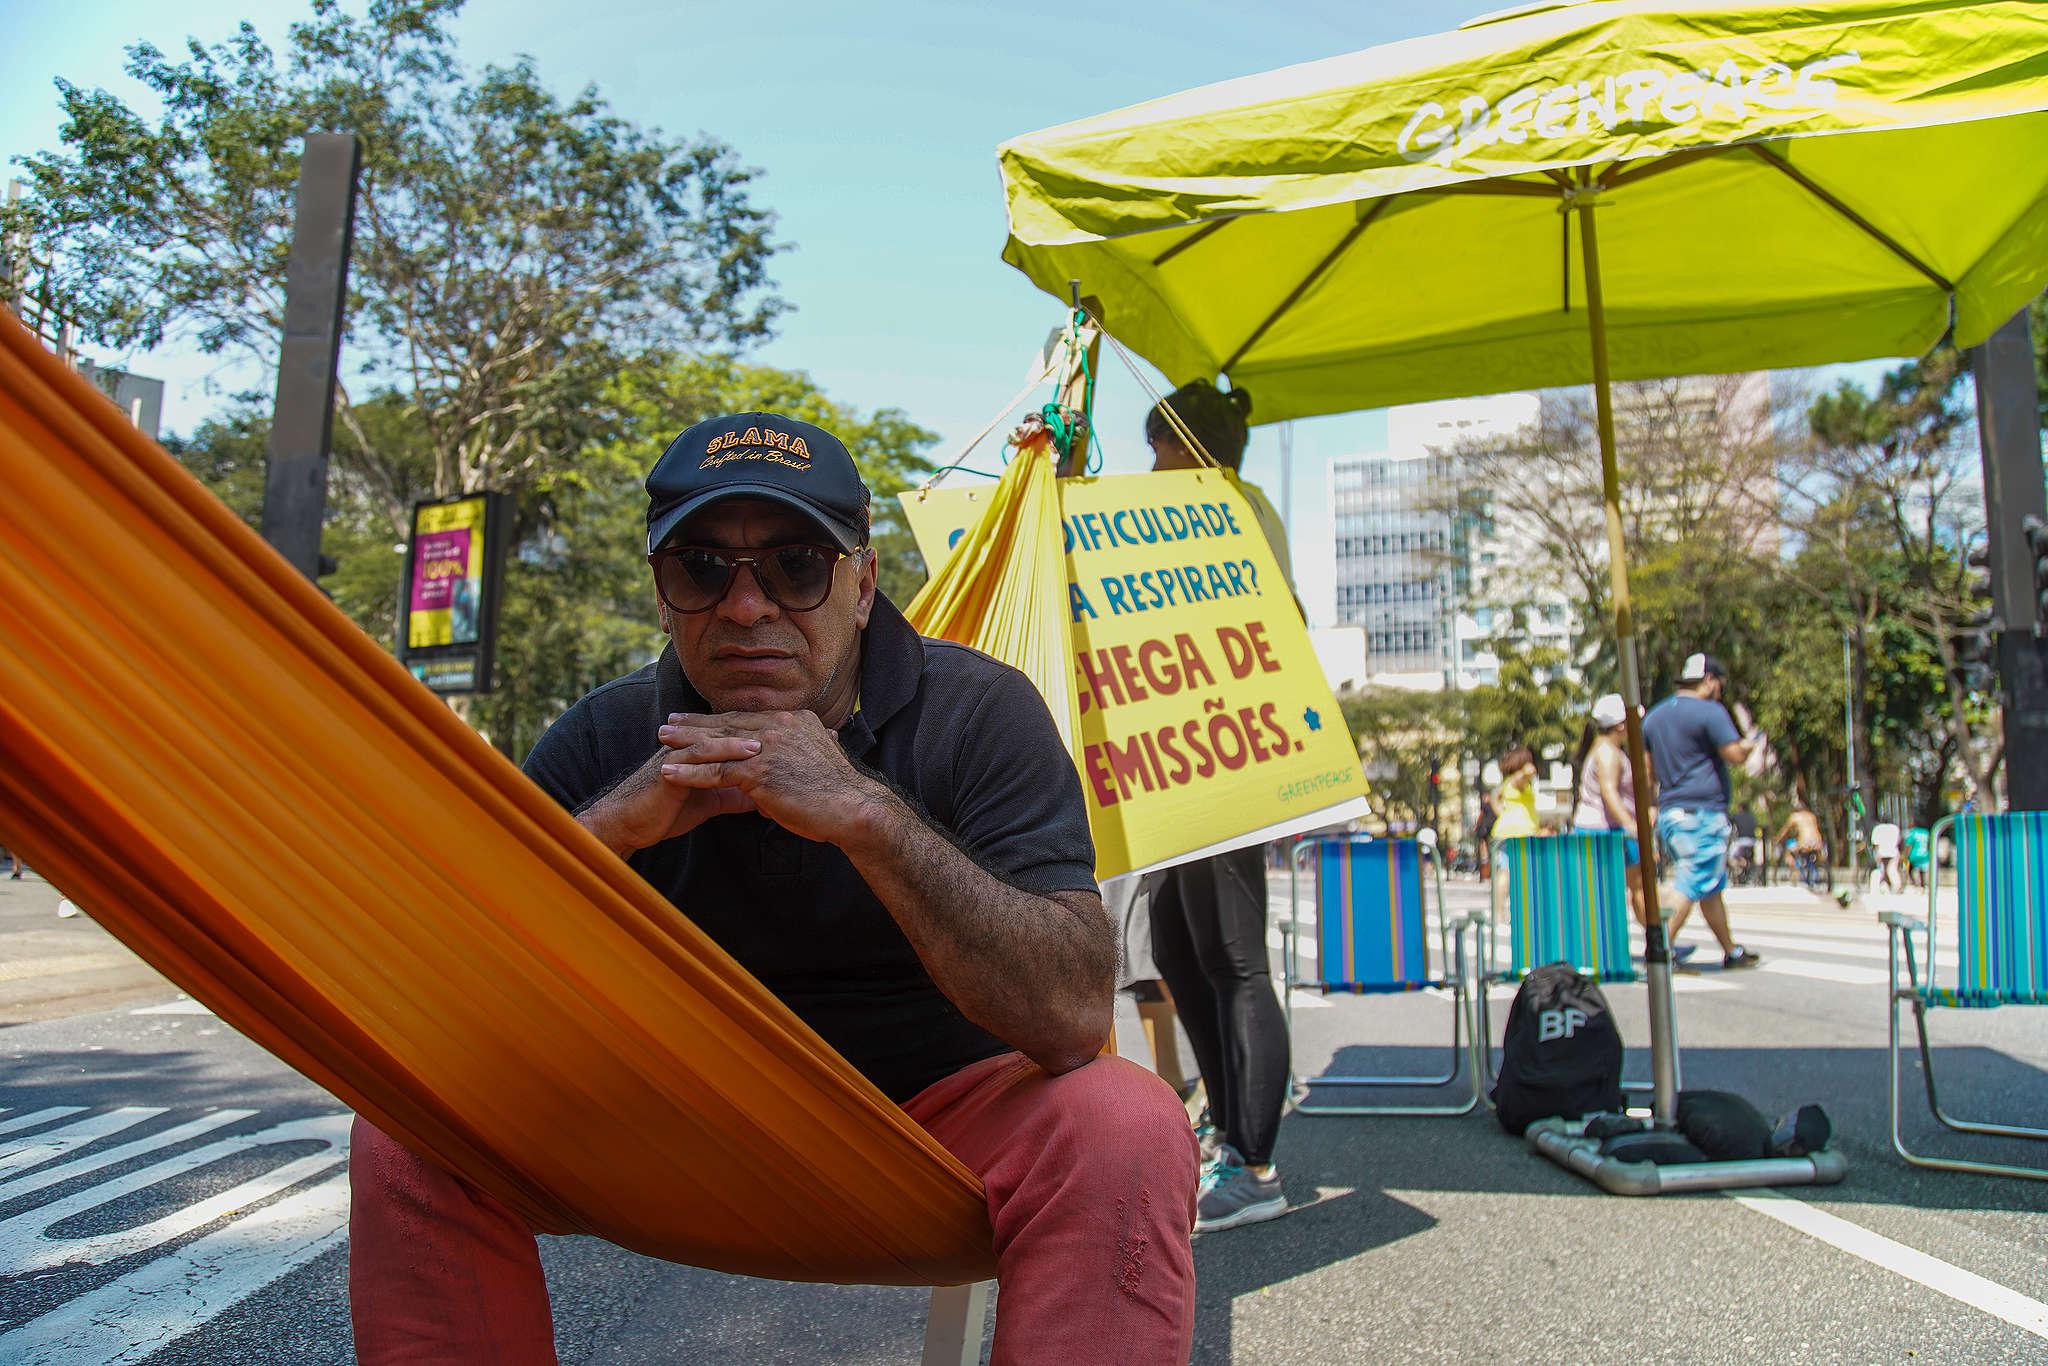 Homem de meia idade sentado na rede no meio da Avenida Paulista. Ao fundo, guarda-sol do Greenpeace e cartaz contra as emissões de gases poluentes